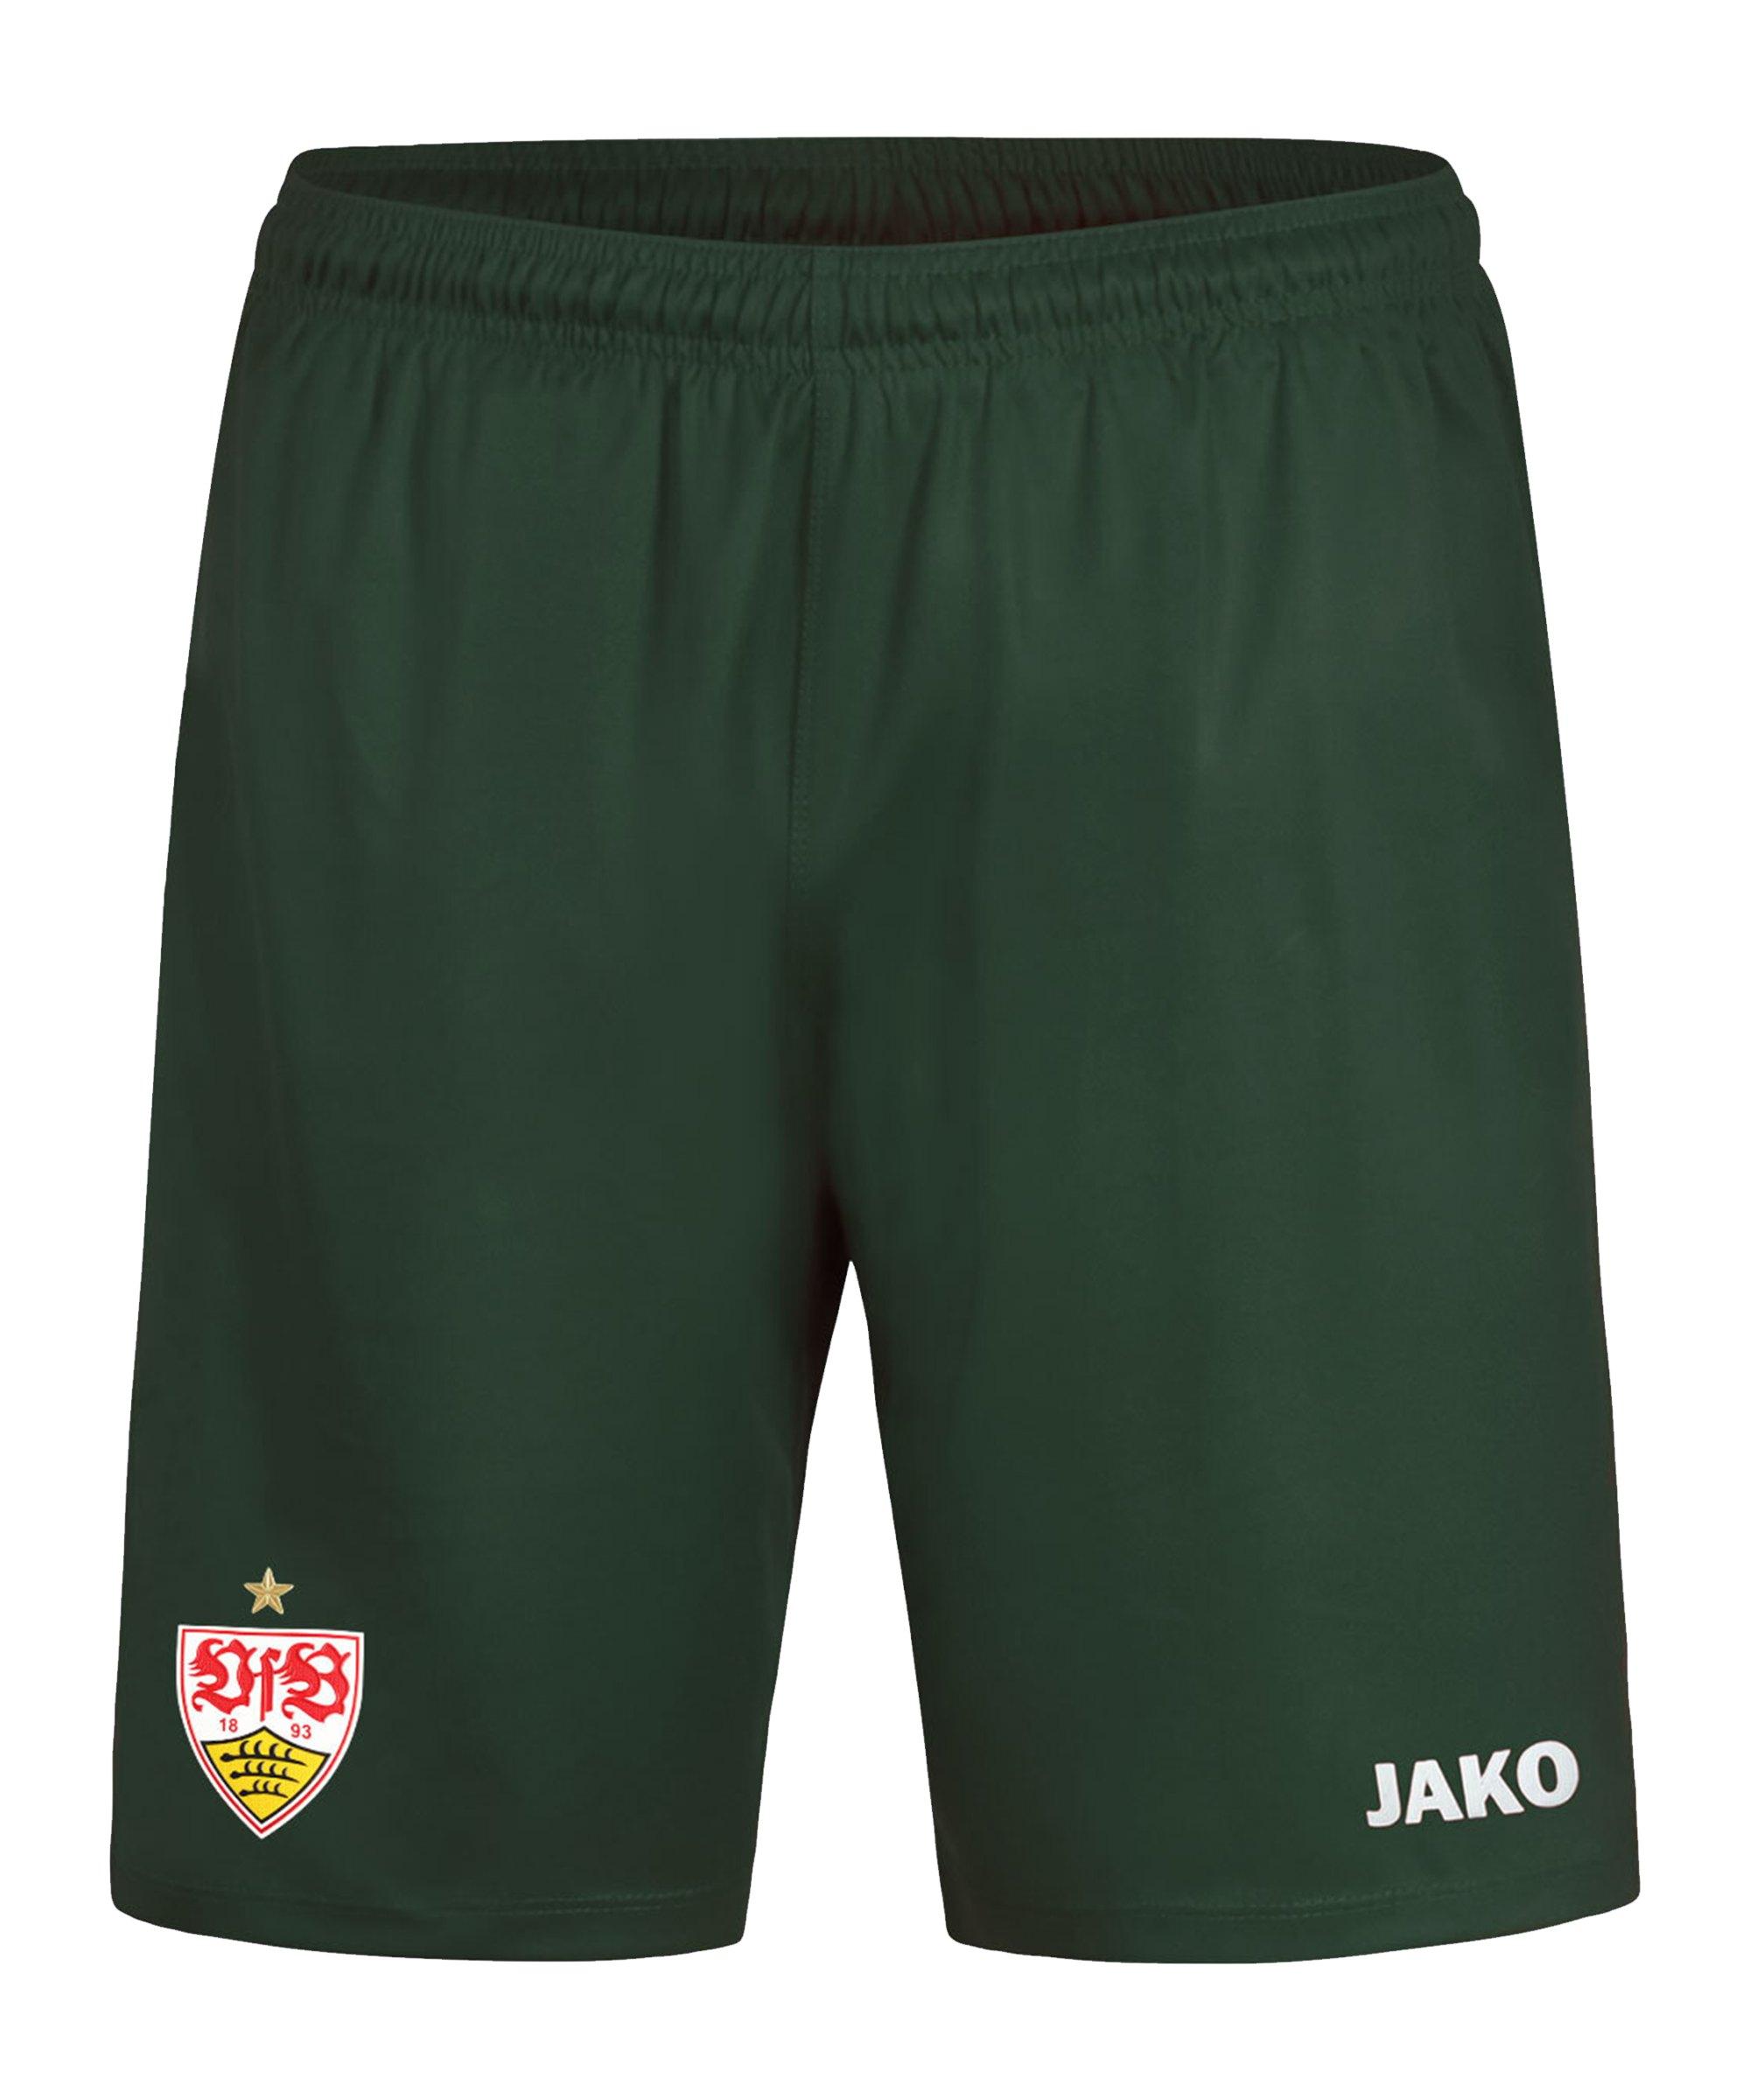 JAKO VfB Stuttgart Short 3rd 2020/2021 Grün F28 - gruen